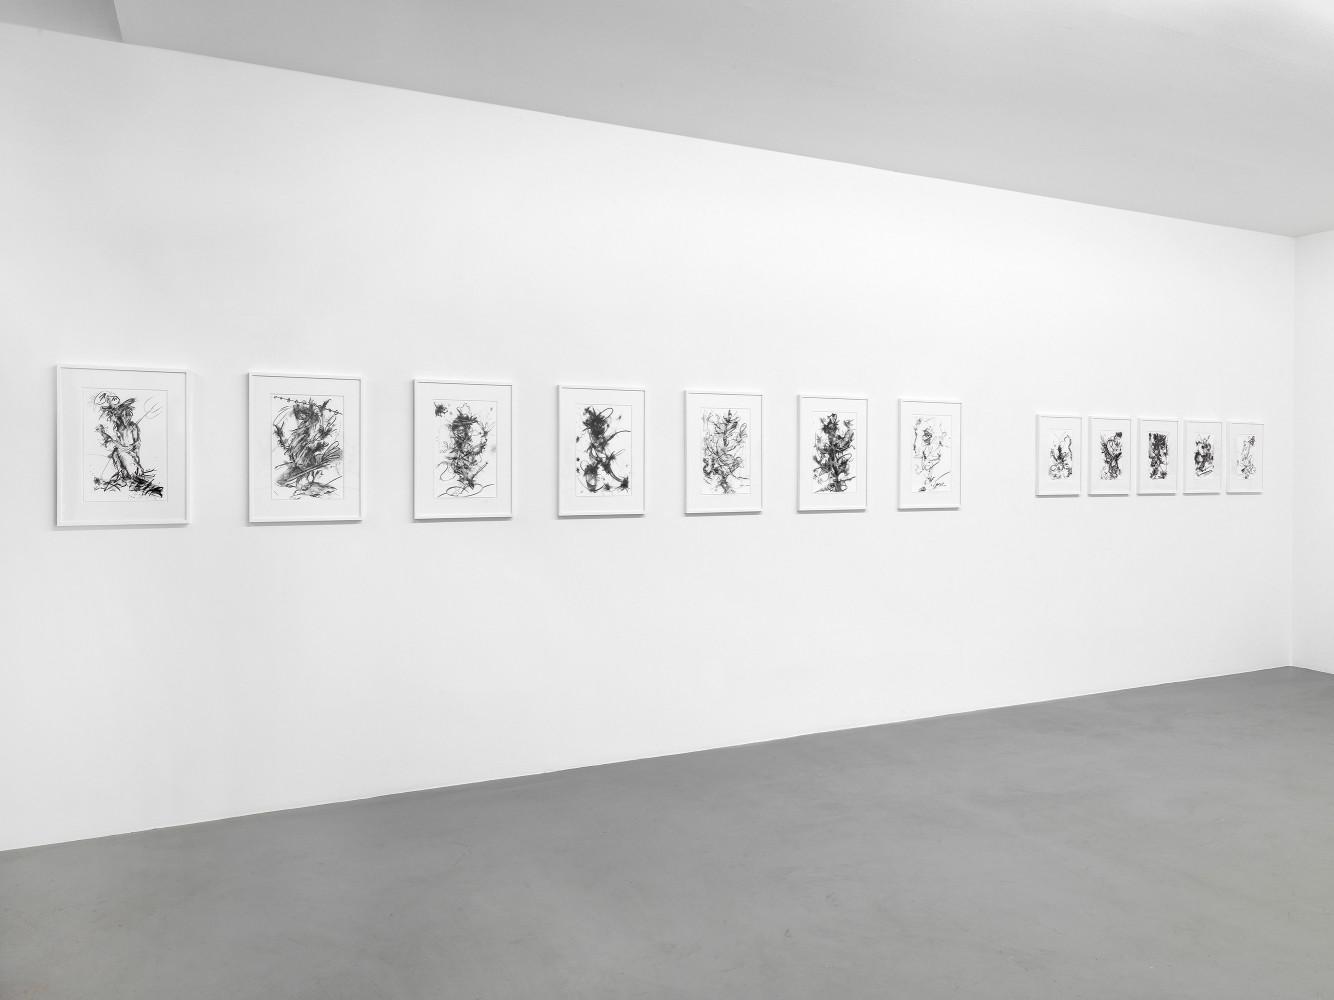 Fiona Rae, 'Zeichnungen', Installation view, Buchmann Box, 2014